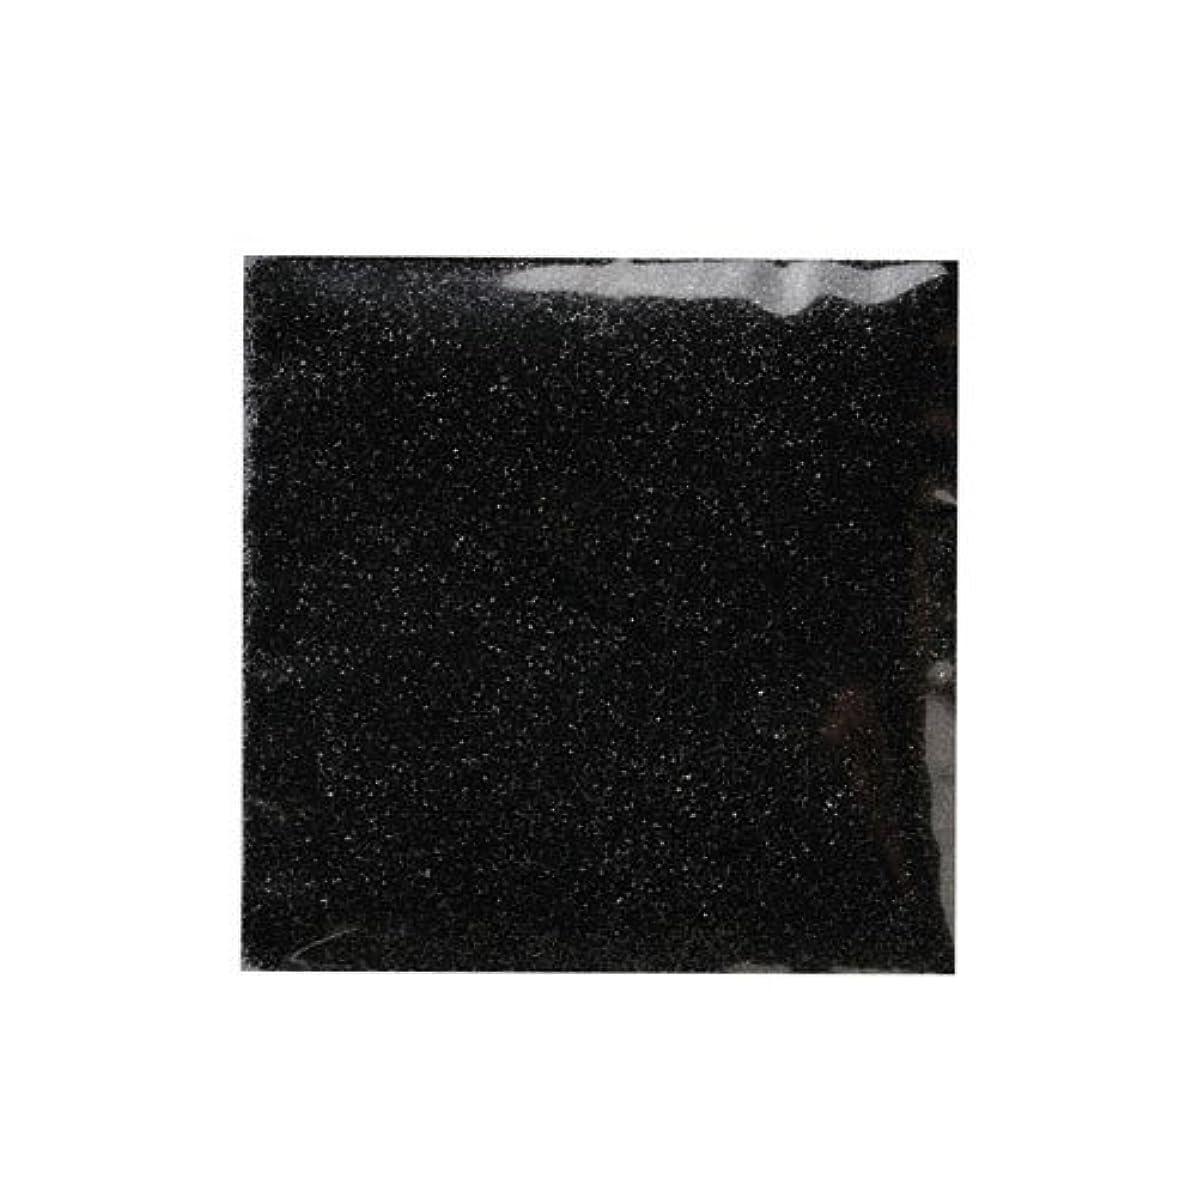 不明瞭愚かな勇者ピカエース ネイル用パウダー ピカエース ラメメタリック #507 ブラック 2g アート材